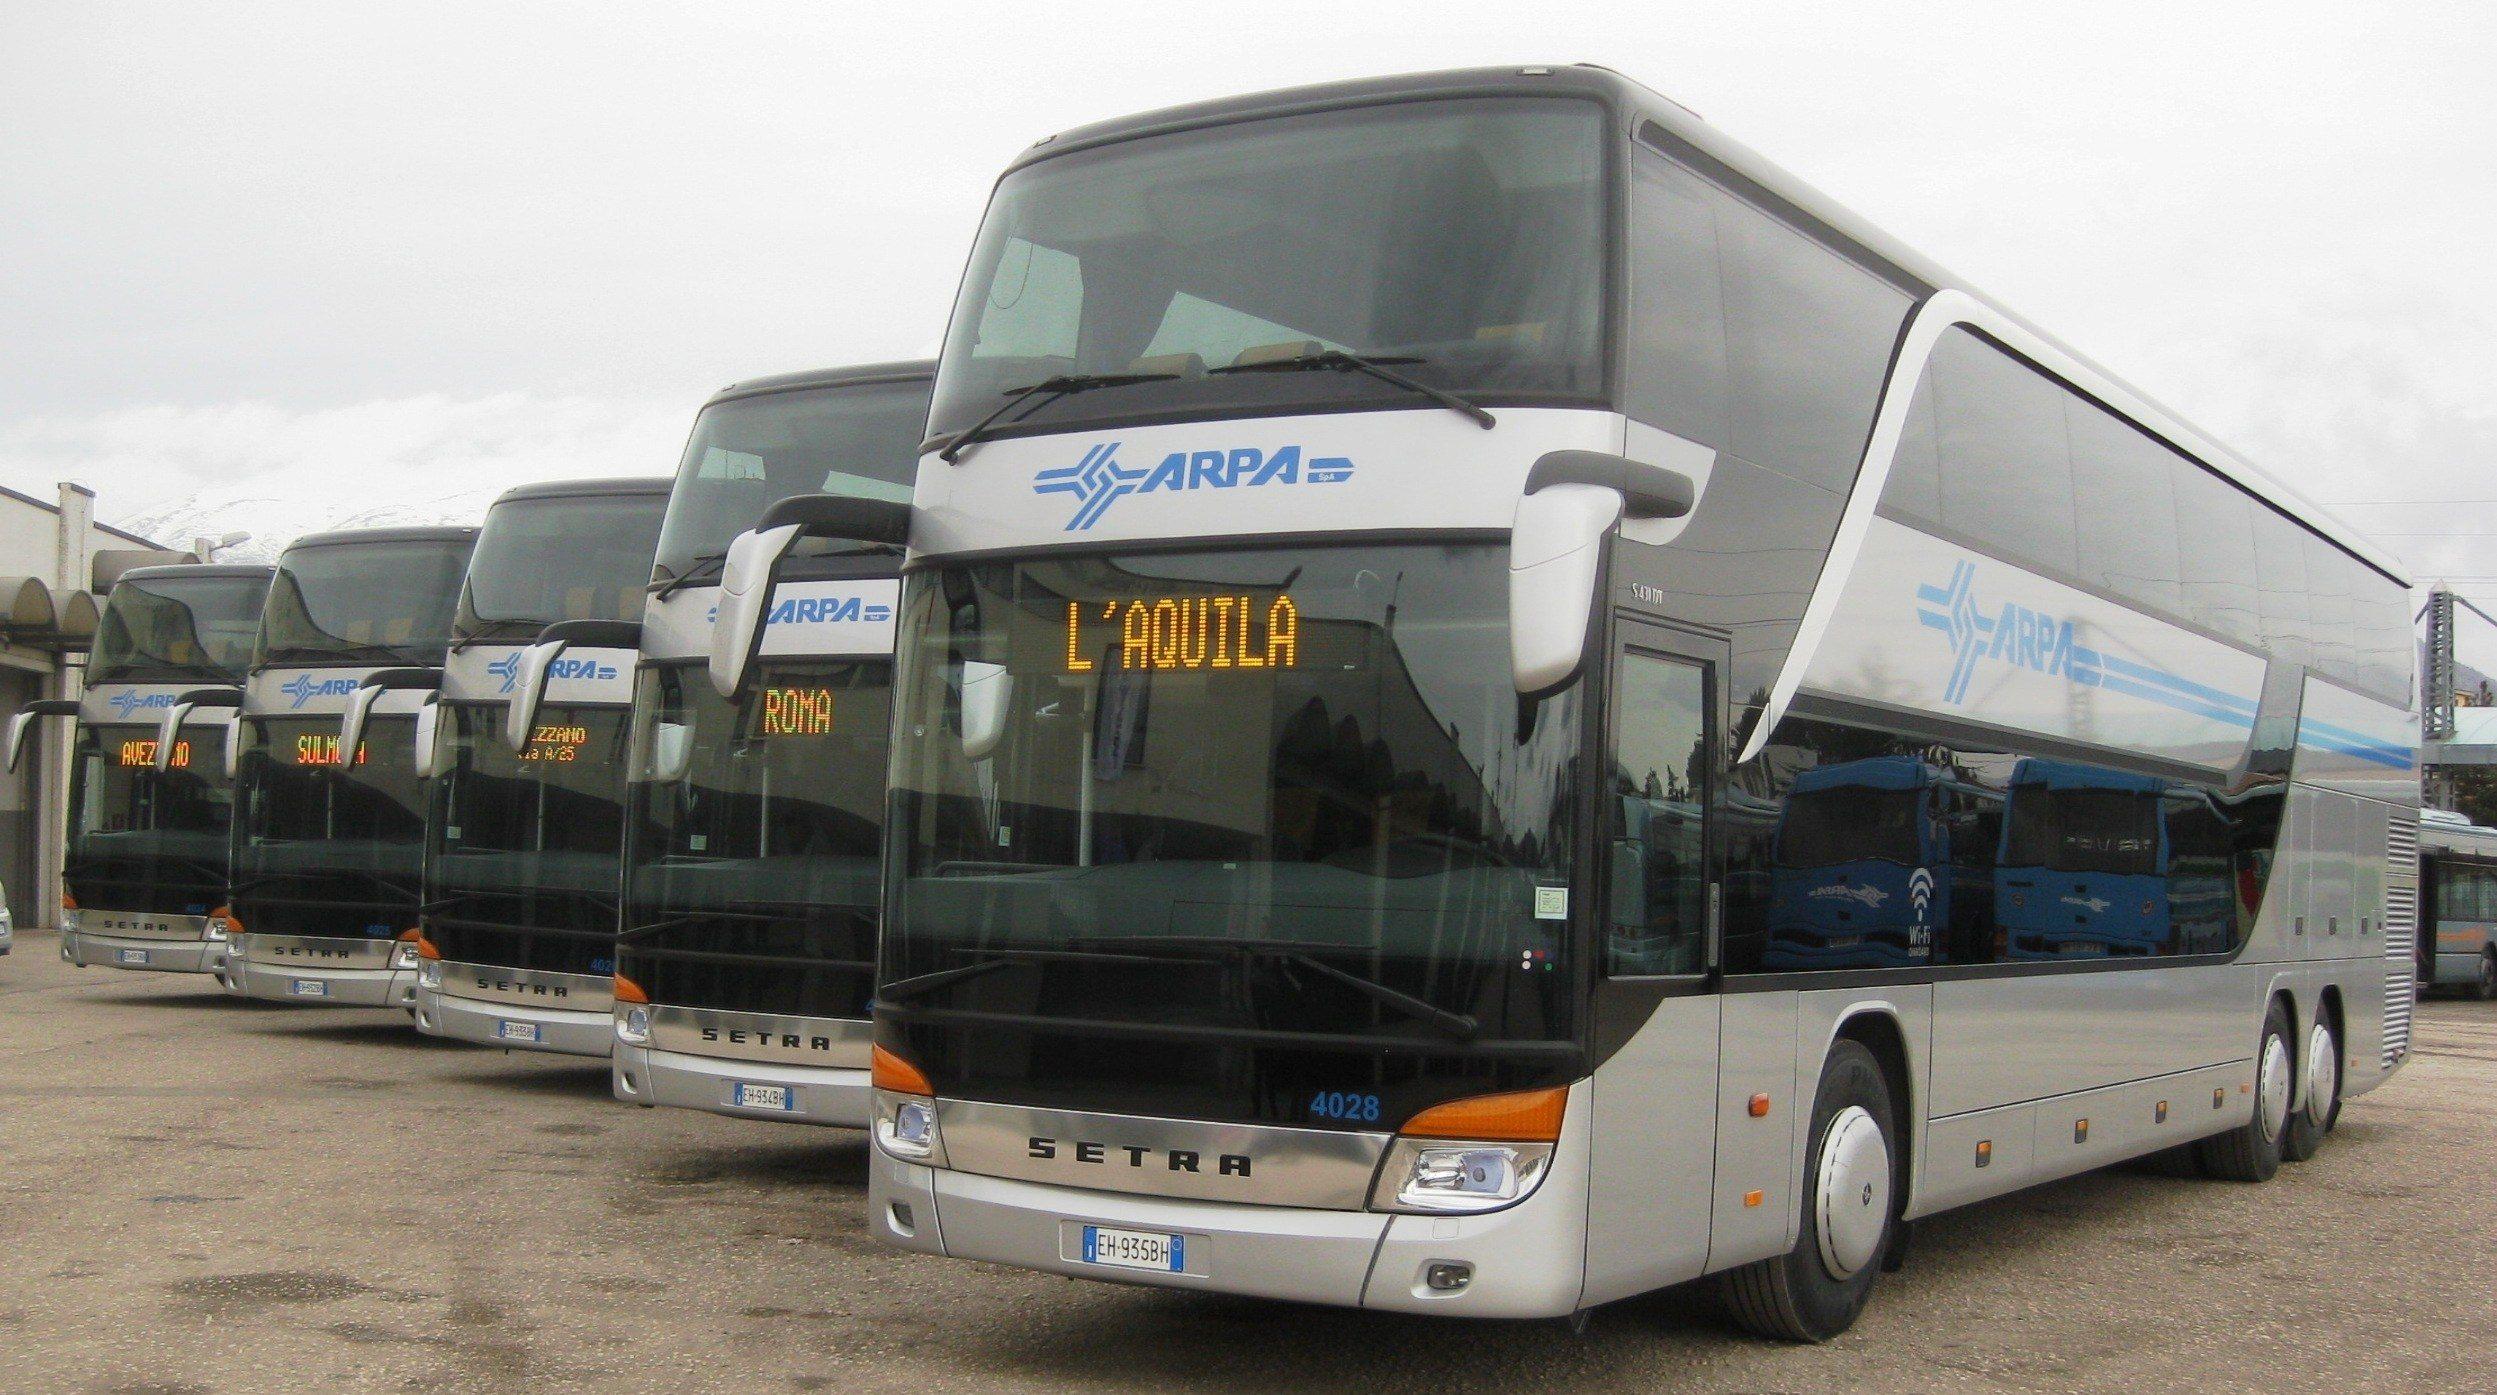 Arrivano cinque nuovi bus a due piani saranno a for Piani a due piani in florida